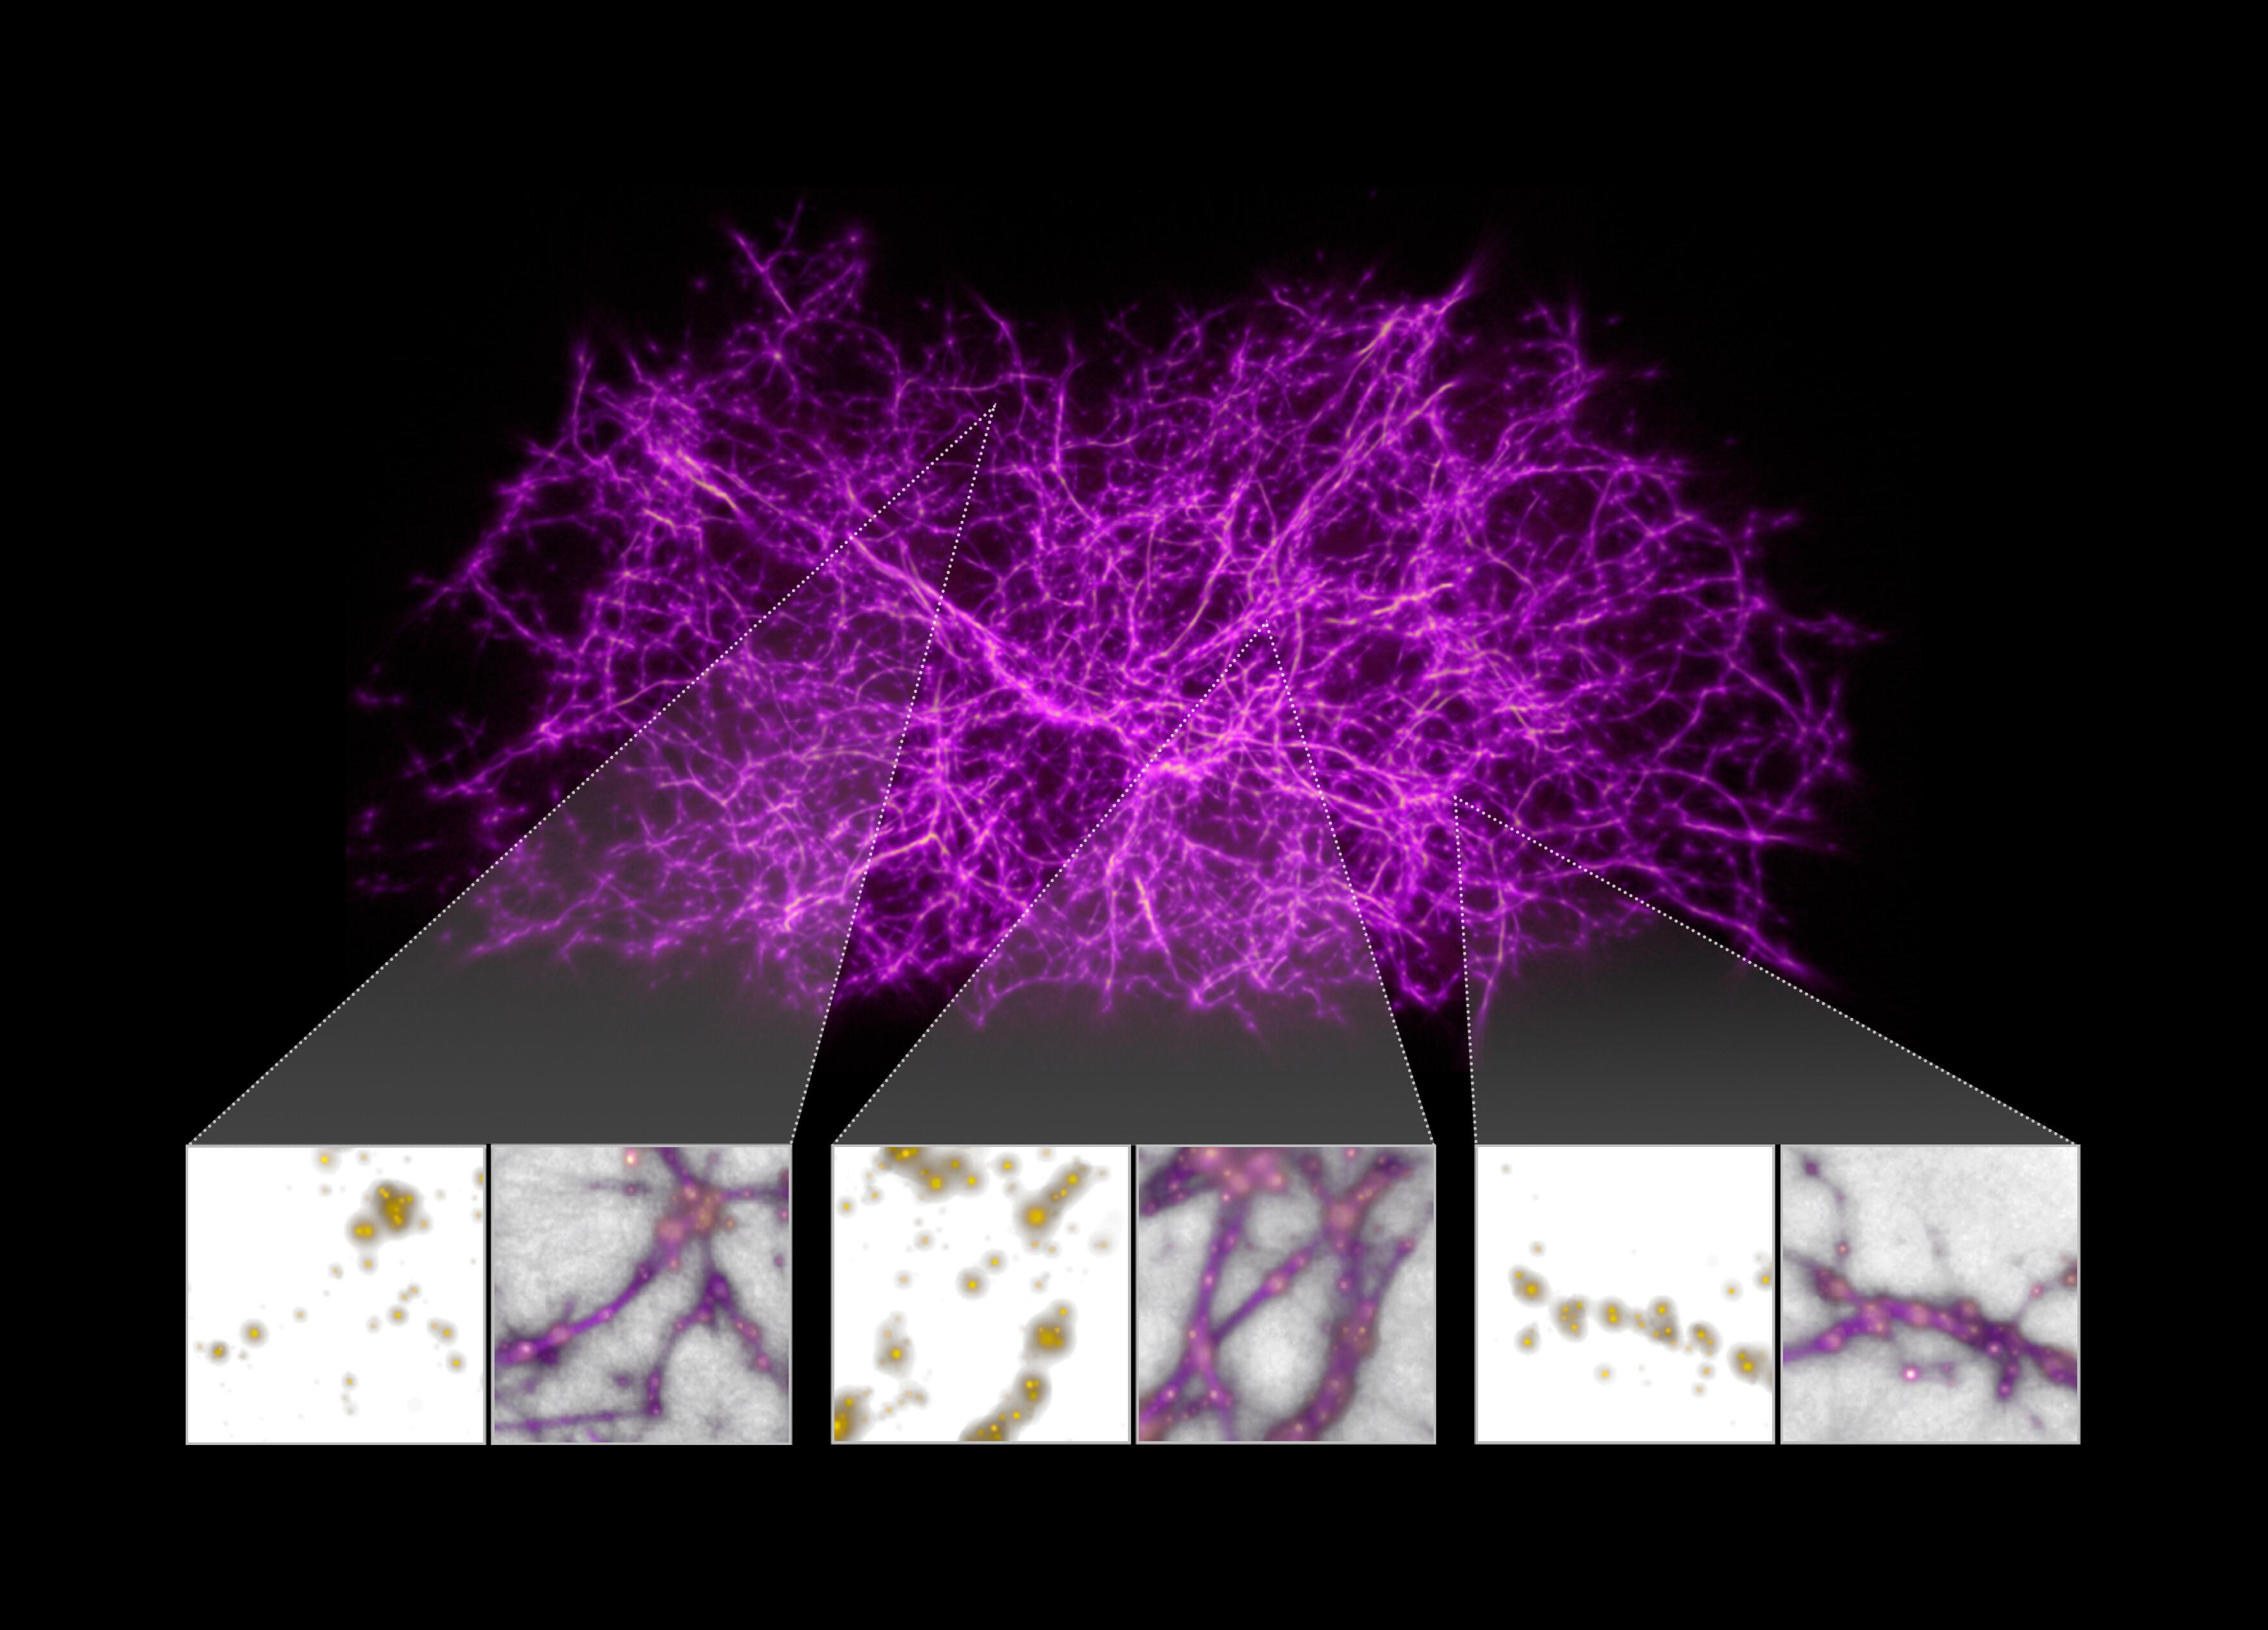 Mapa de la web cósmica generado a partir del algoritmo de la telaraña del moho mucilaginoso. Crédito: NASA, ESA y J. Burchett y O. Elek (UC Santa Cruz)